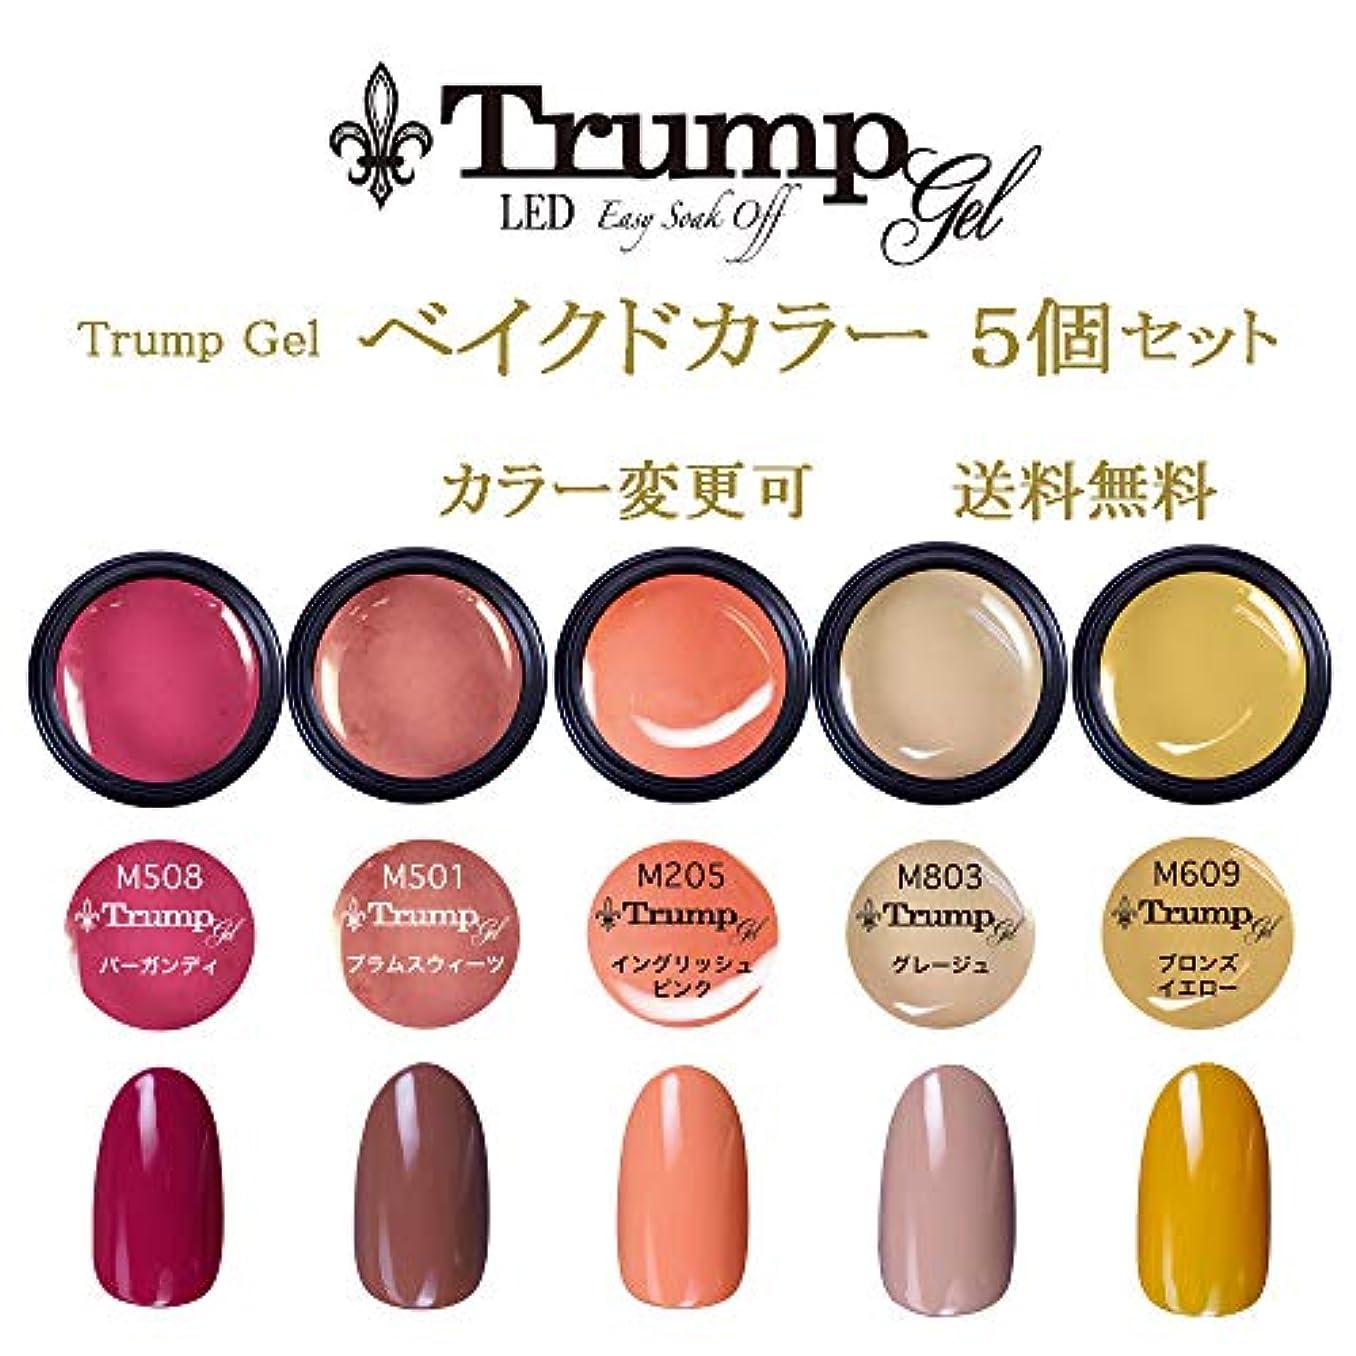 開梱偽造薄いです【送料無料】日本製 Trump gel トランプジェル ベイクドカラー 選べる カラージェル 5個セット ミルキーネイル ベージュ オレンジ カラー